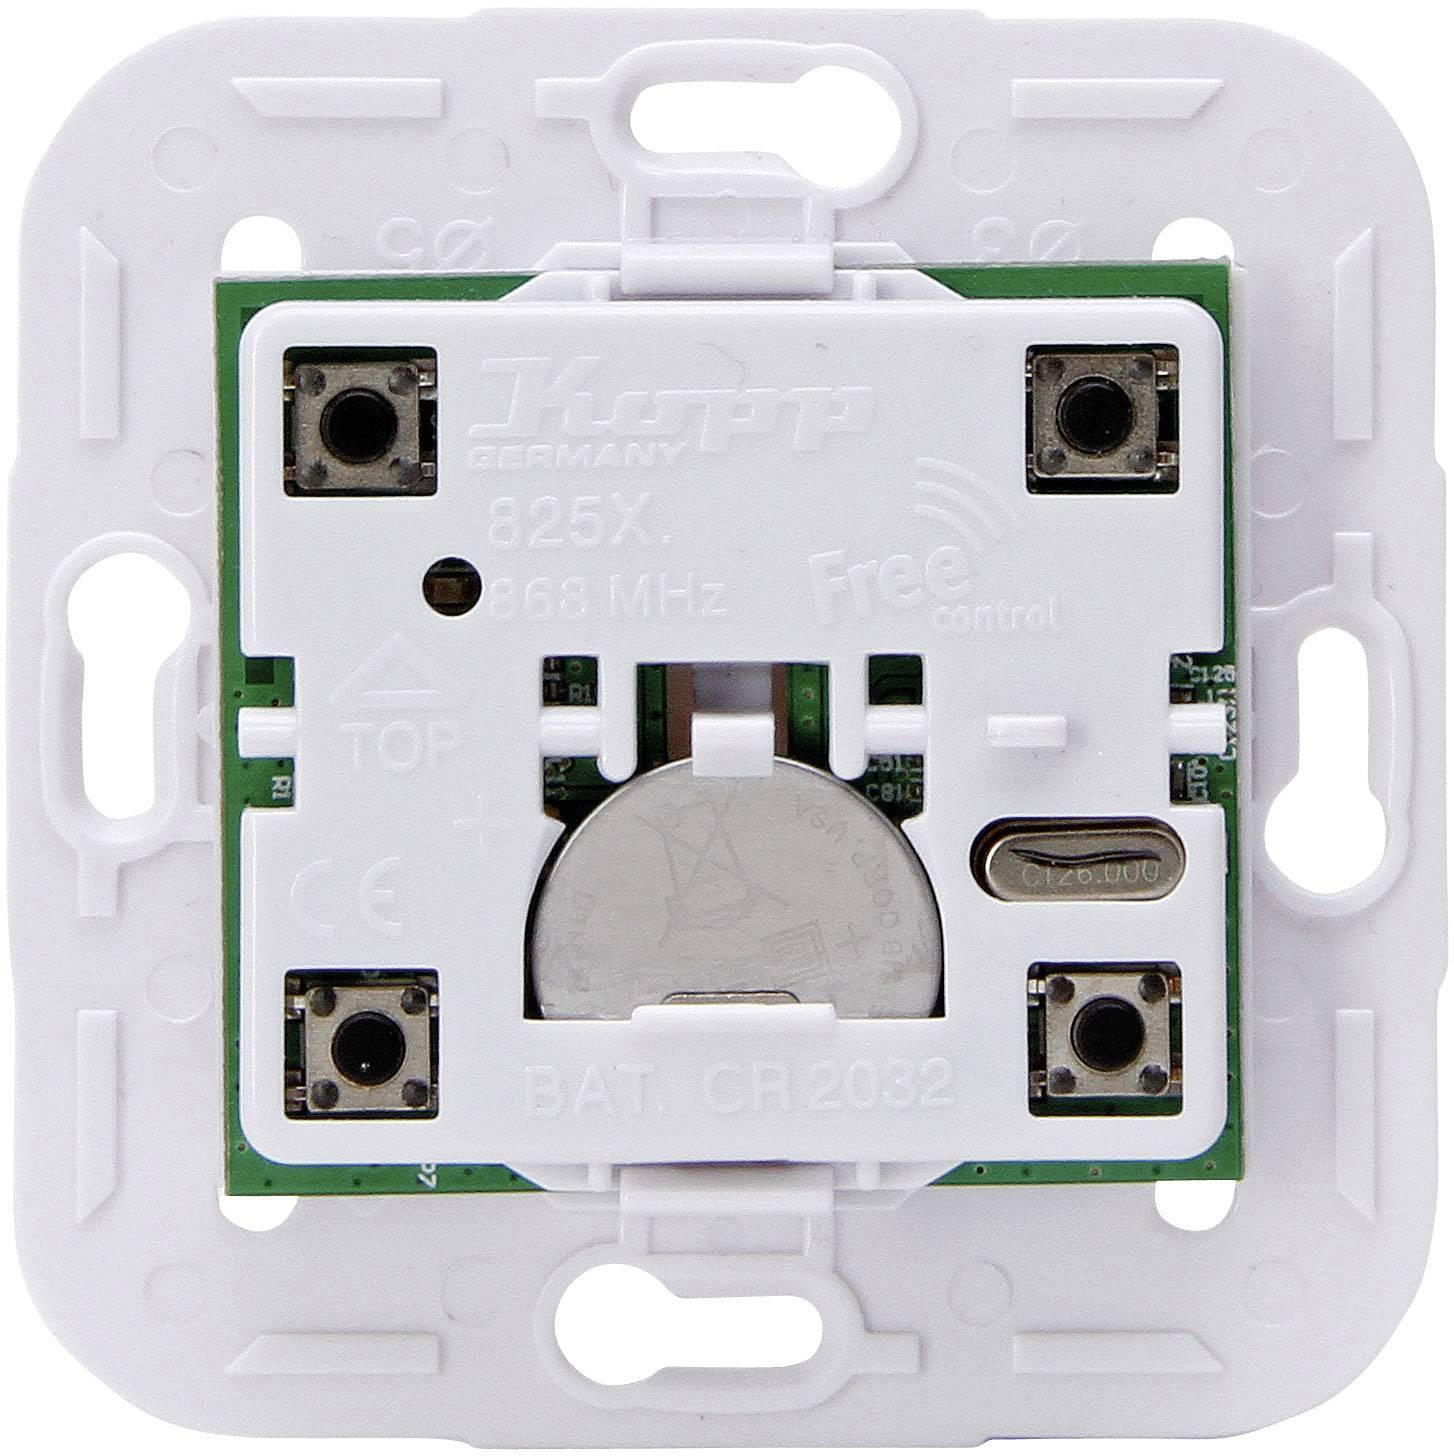 Bezdrôtový nástenný spínač Free Control 825602027, 4-kanálový